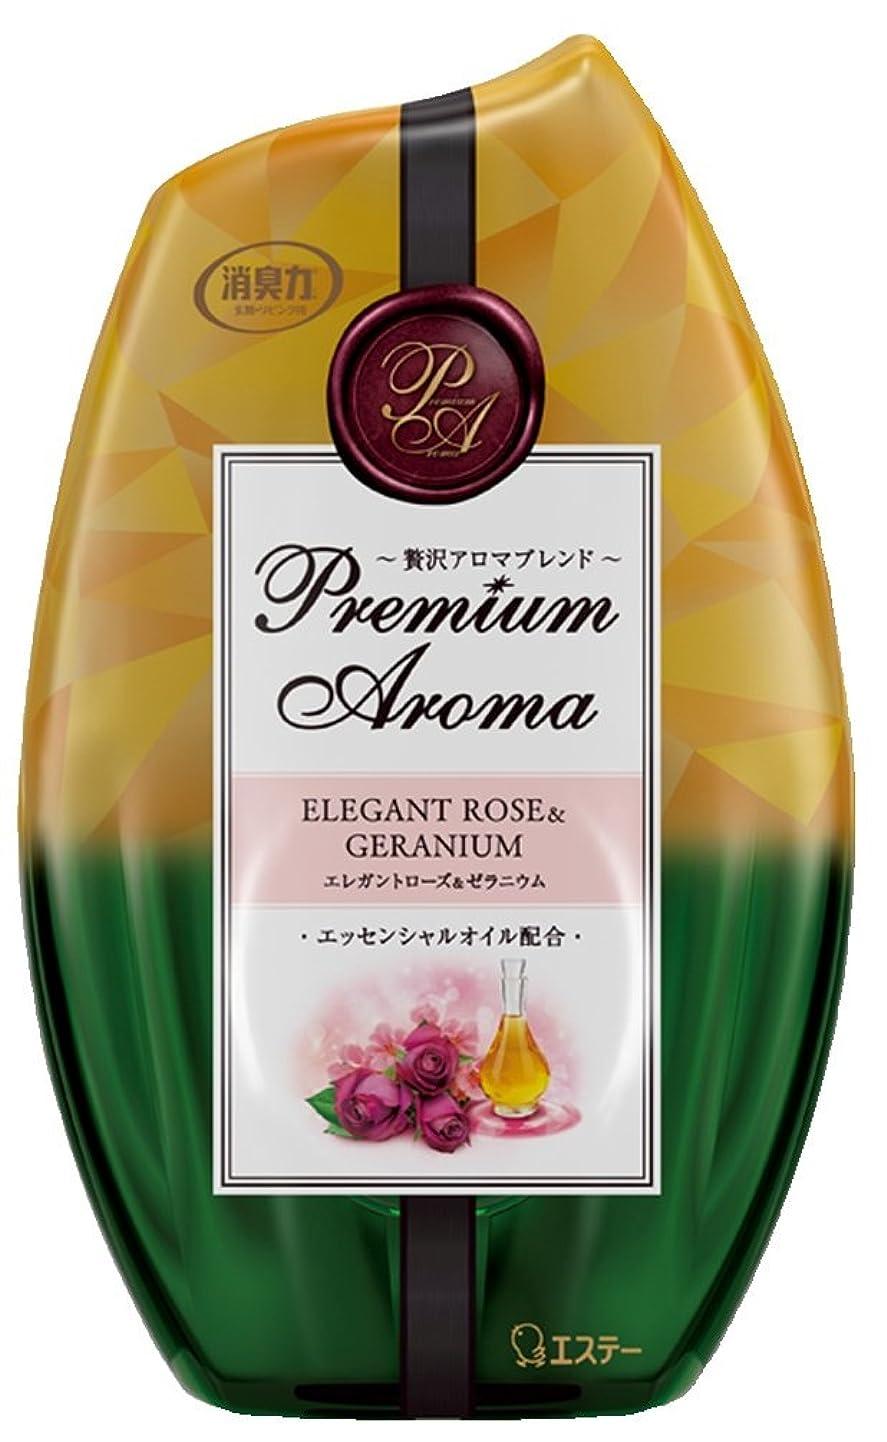 尊厳メタリック砂のお部屋の消臭力 プレミアムアロマ Premium Aroma 消臭芳香剤 部屋用 部屋 エレガントローズ&ゼラニウム 400ml